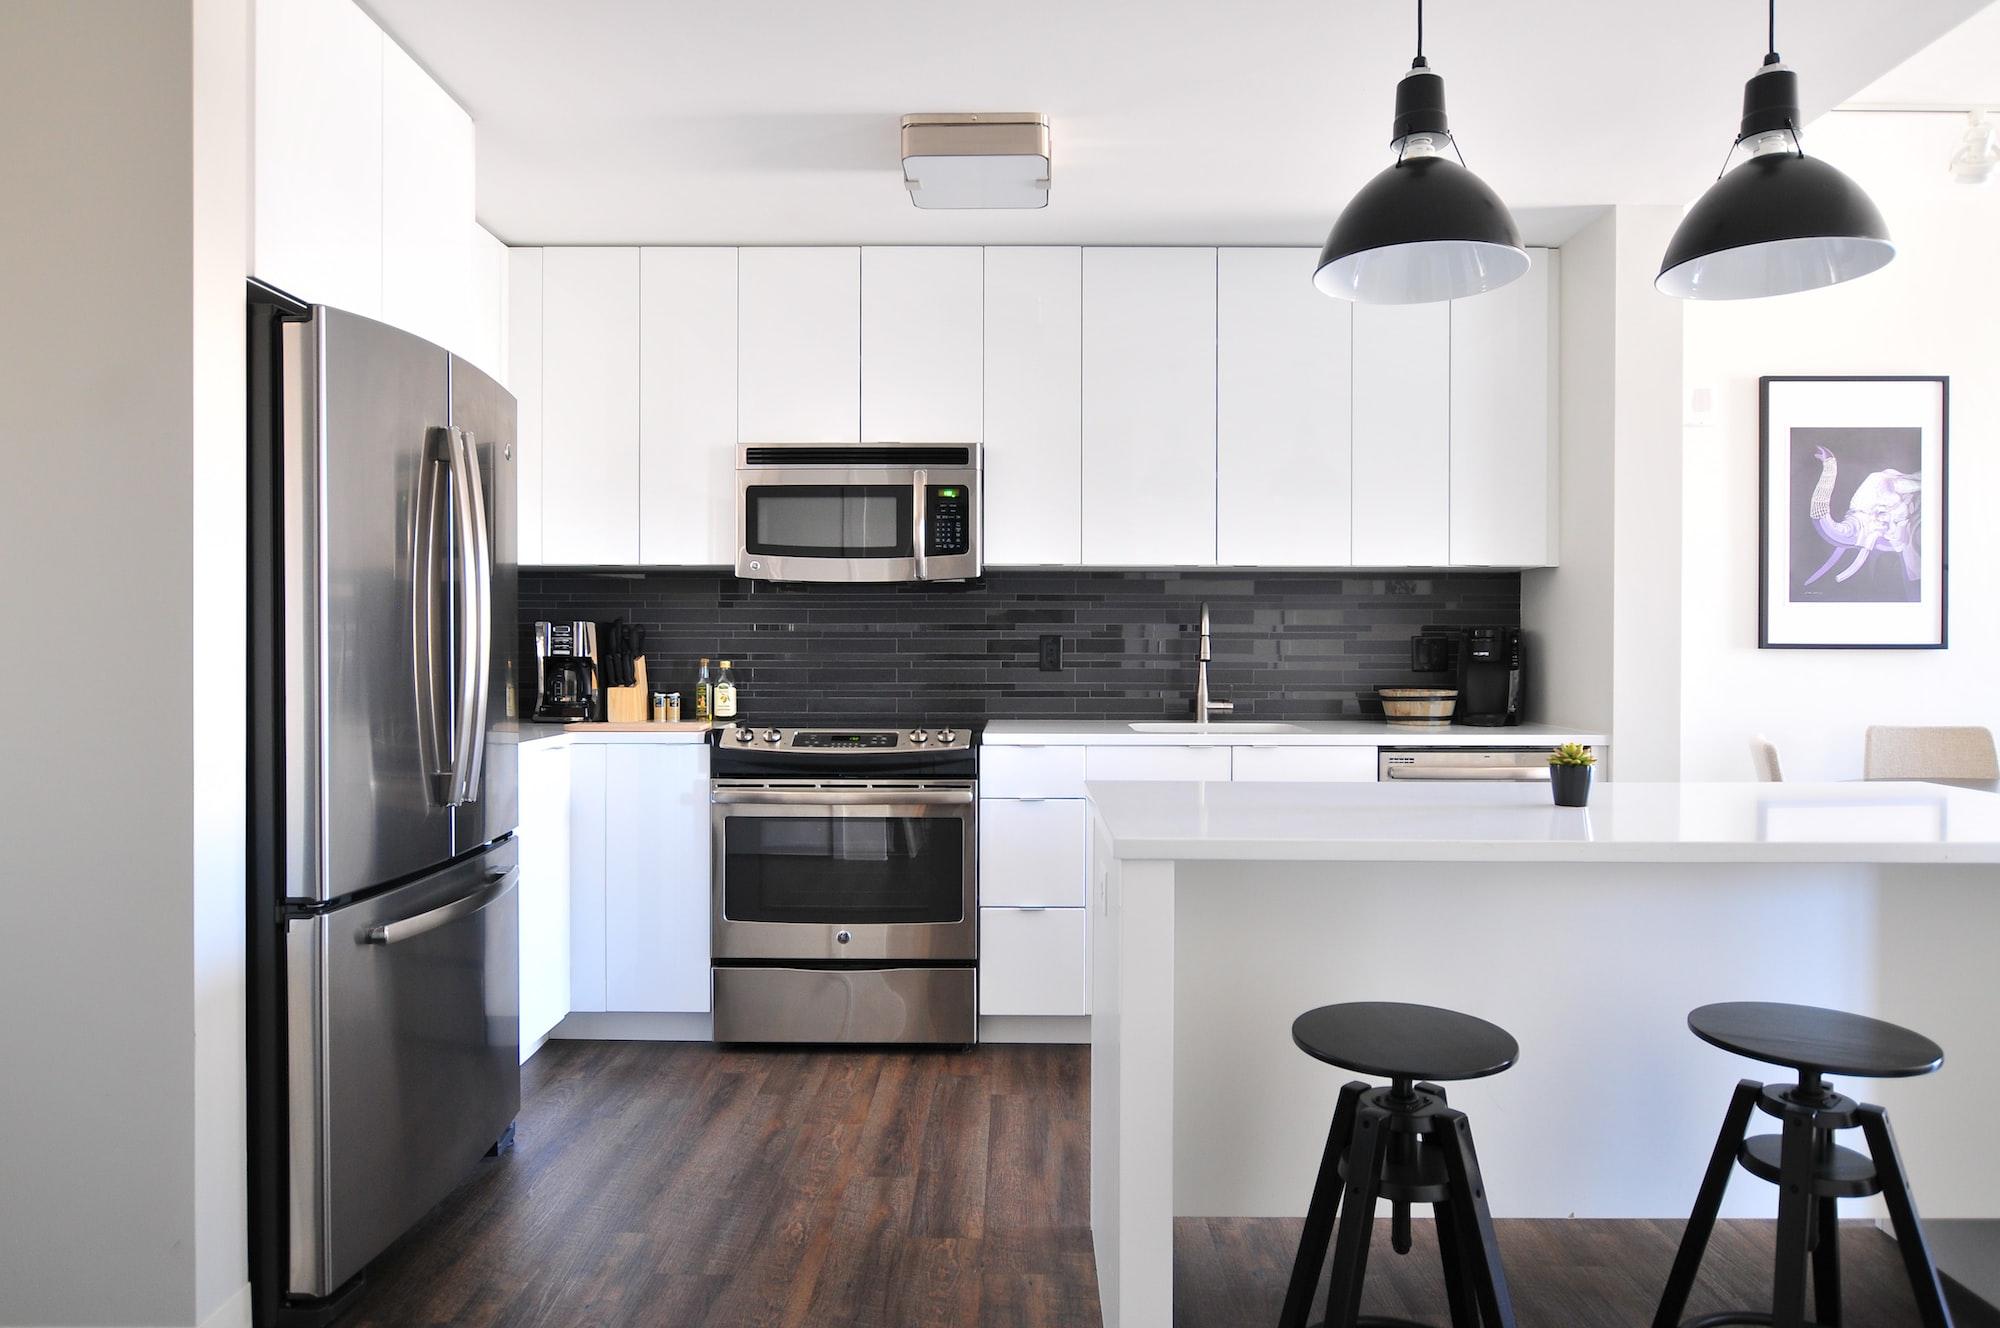 Τα 5 πράγματα που πρέπει να προσέξεις λίγο πριν μπείς στο νέο σου σπίτι!